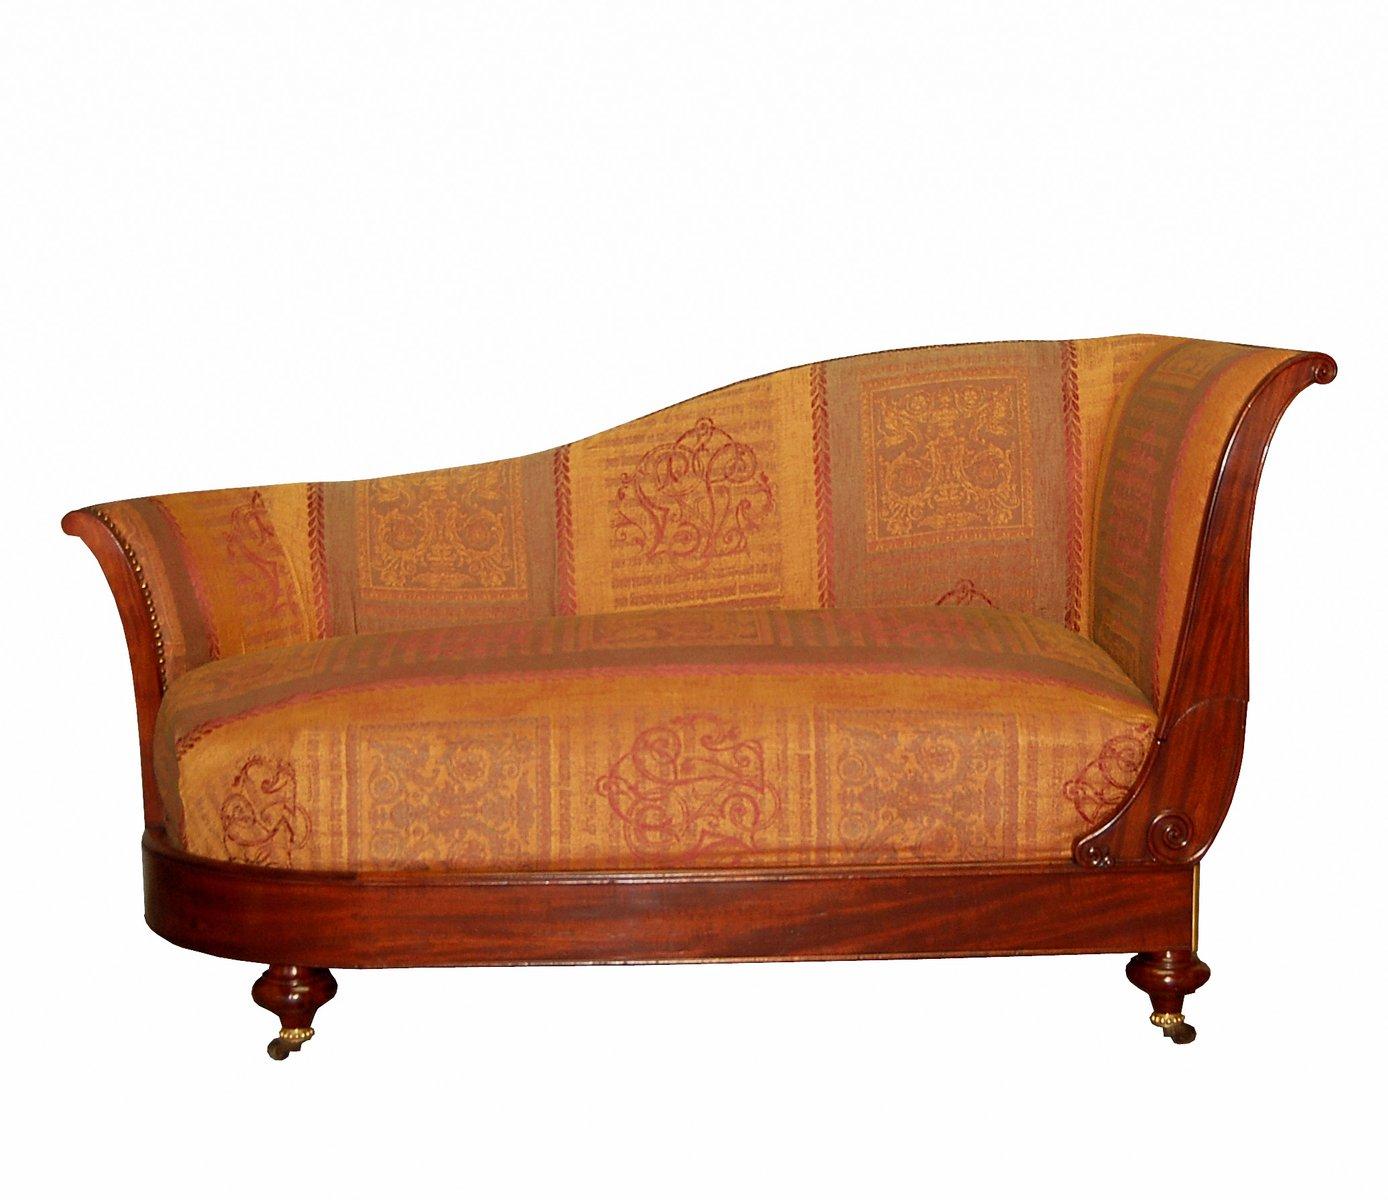 Antique mahogany chaise lounge from dubois à paris